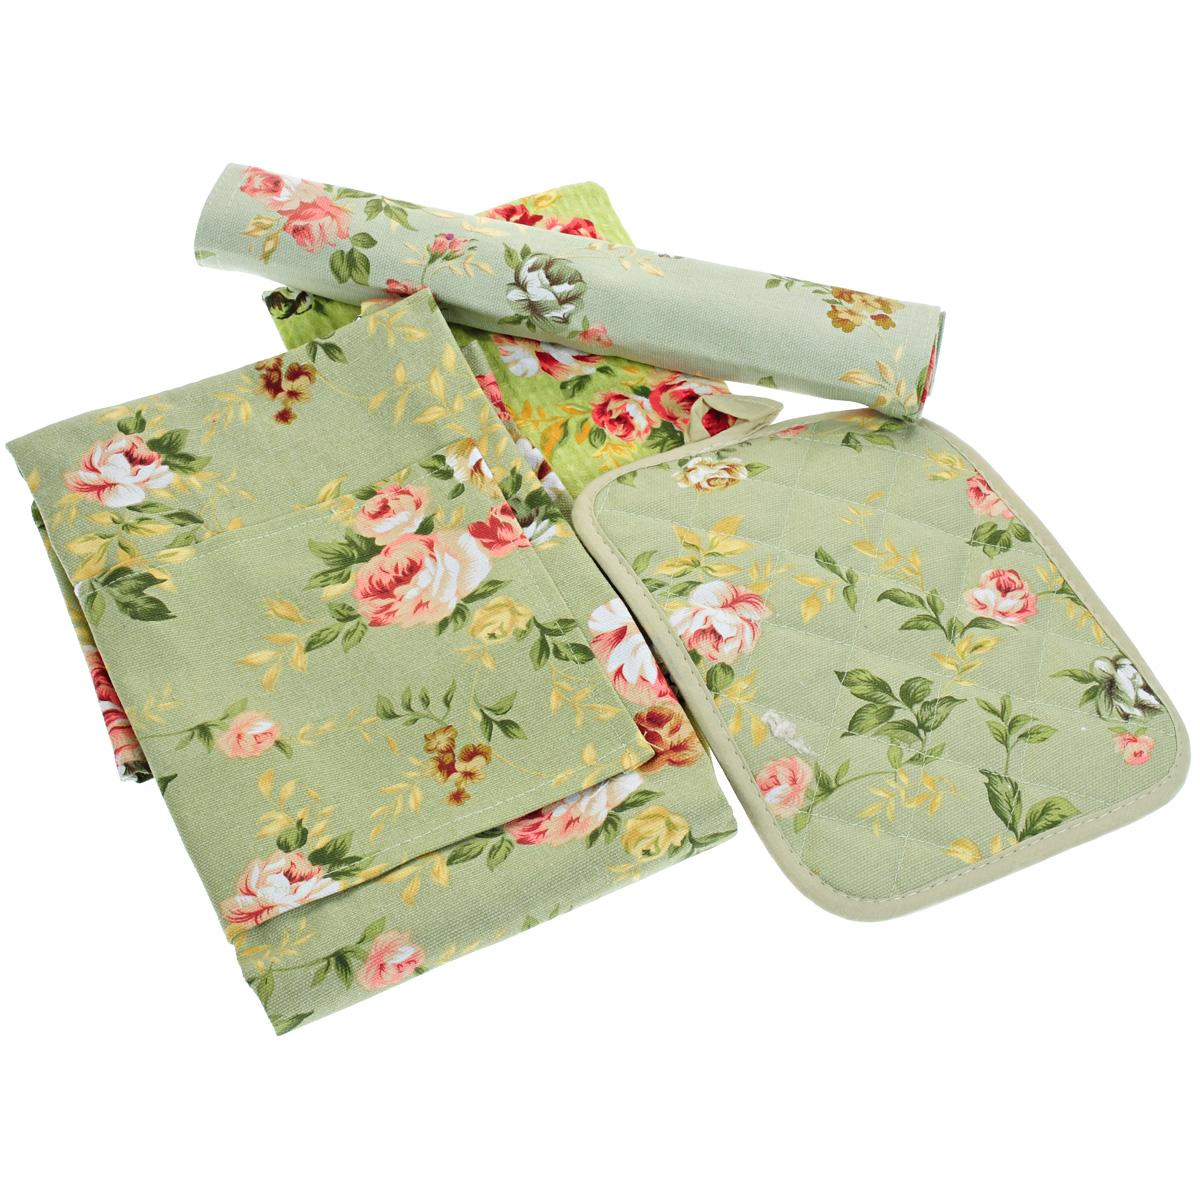 Подарочный набор для кухни Bonita Английская коллекция, цвет: зеленый, 4 предмета. 20100214309SS 4041Подарочный набор для кухни Bonita Английская коллекция состоит из прихватки с петелькой для подвешивания, вафельного полотенца, салфетки и фартука. Предметы набора выполнены из 100% хлопка и оформлены цветочным принтом. Такой набор оригинально украсит интерьер и будет уместен на любой кухне. Прекрасно подойдет в качестве подарка, который окажется не только приятным, но и полезным в хозяйстве. Набор упакован в подарочную коробку.